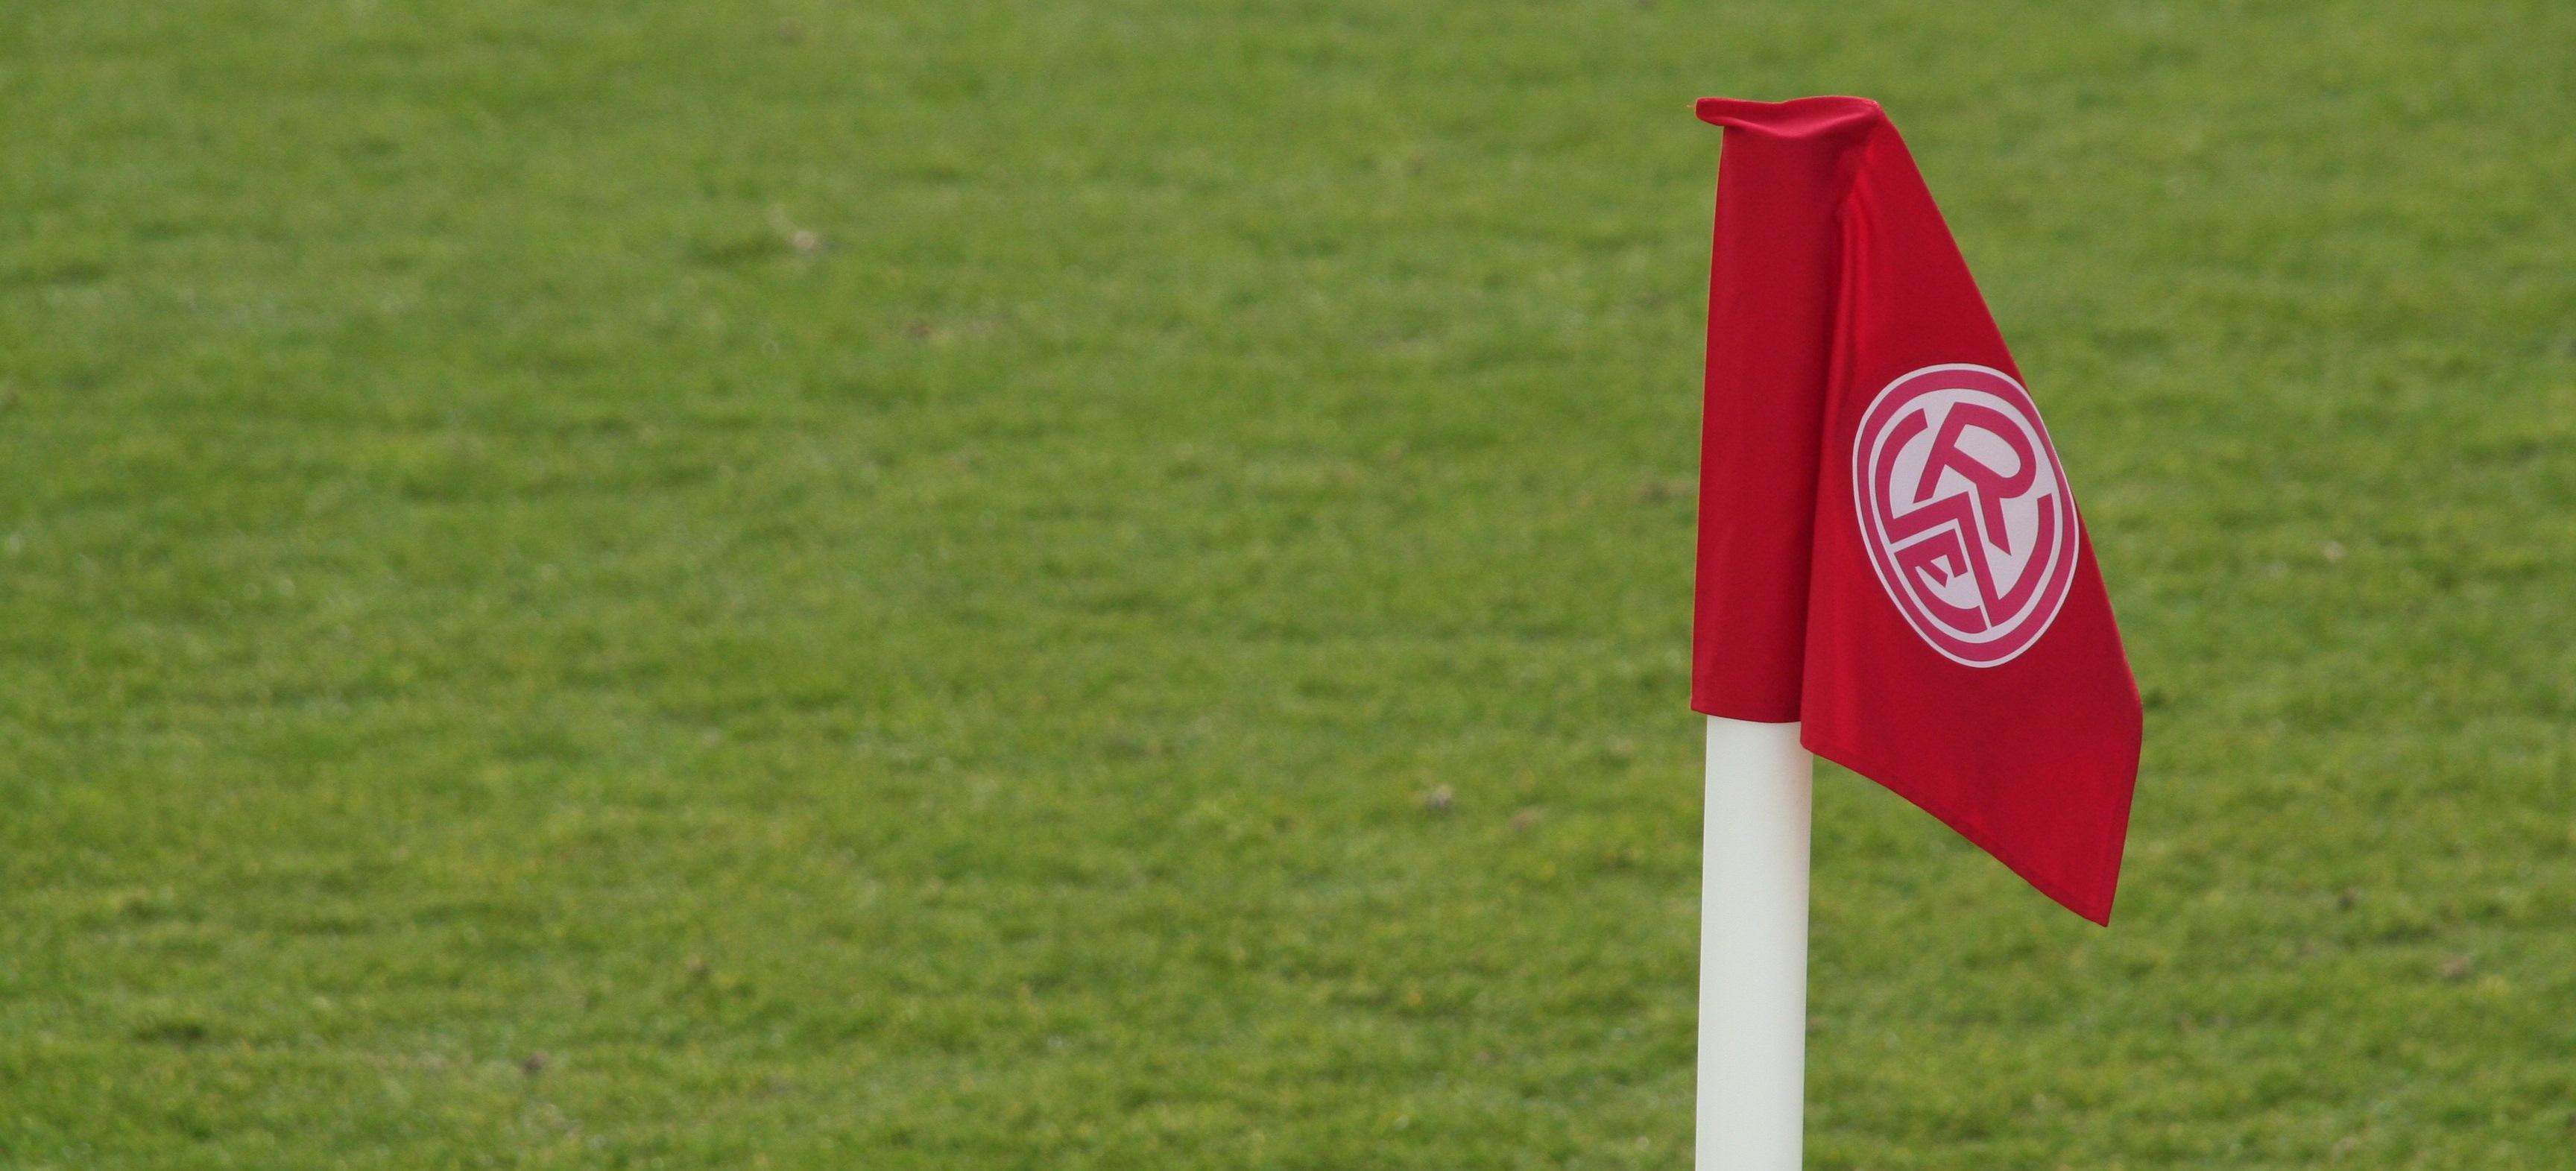 Das für Samstag angesetzte Spiel gegen den FC Wegberg-Beeck kann nicht stattfinden.